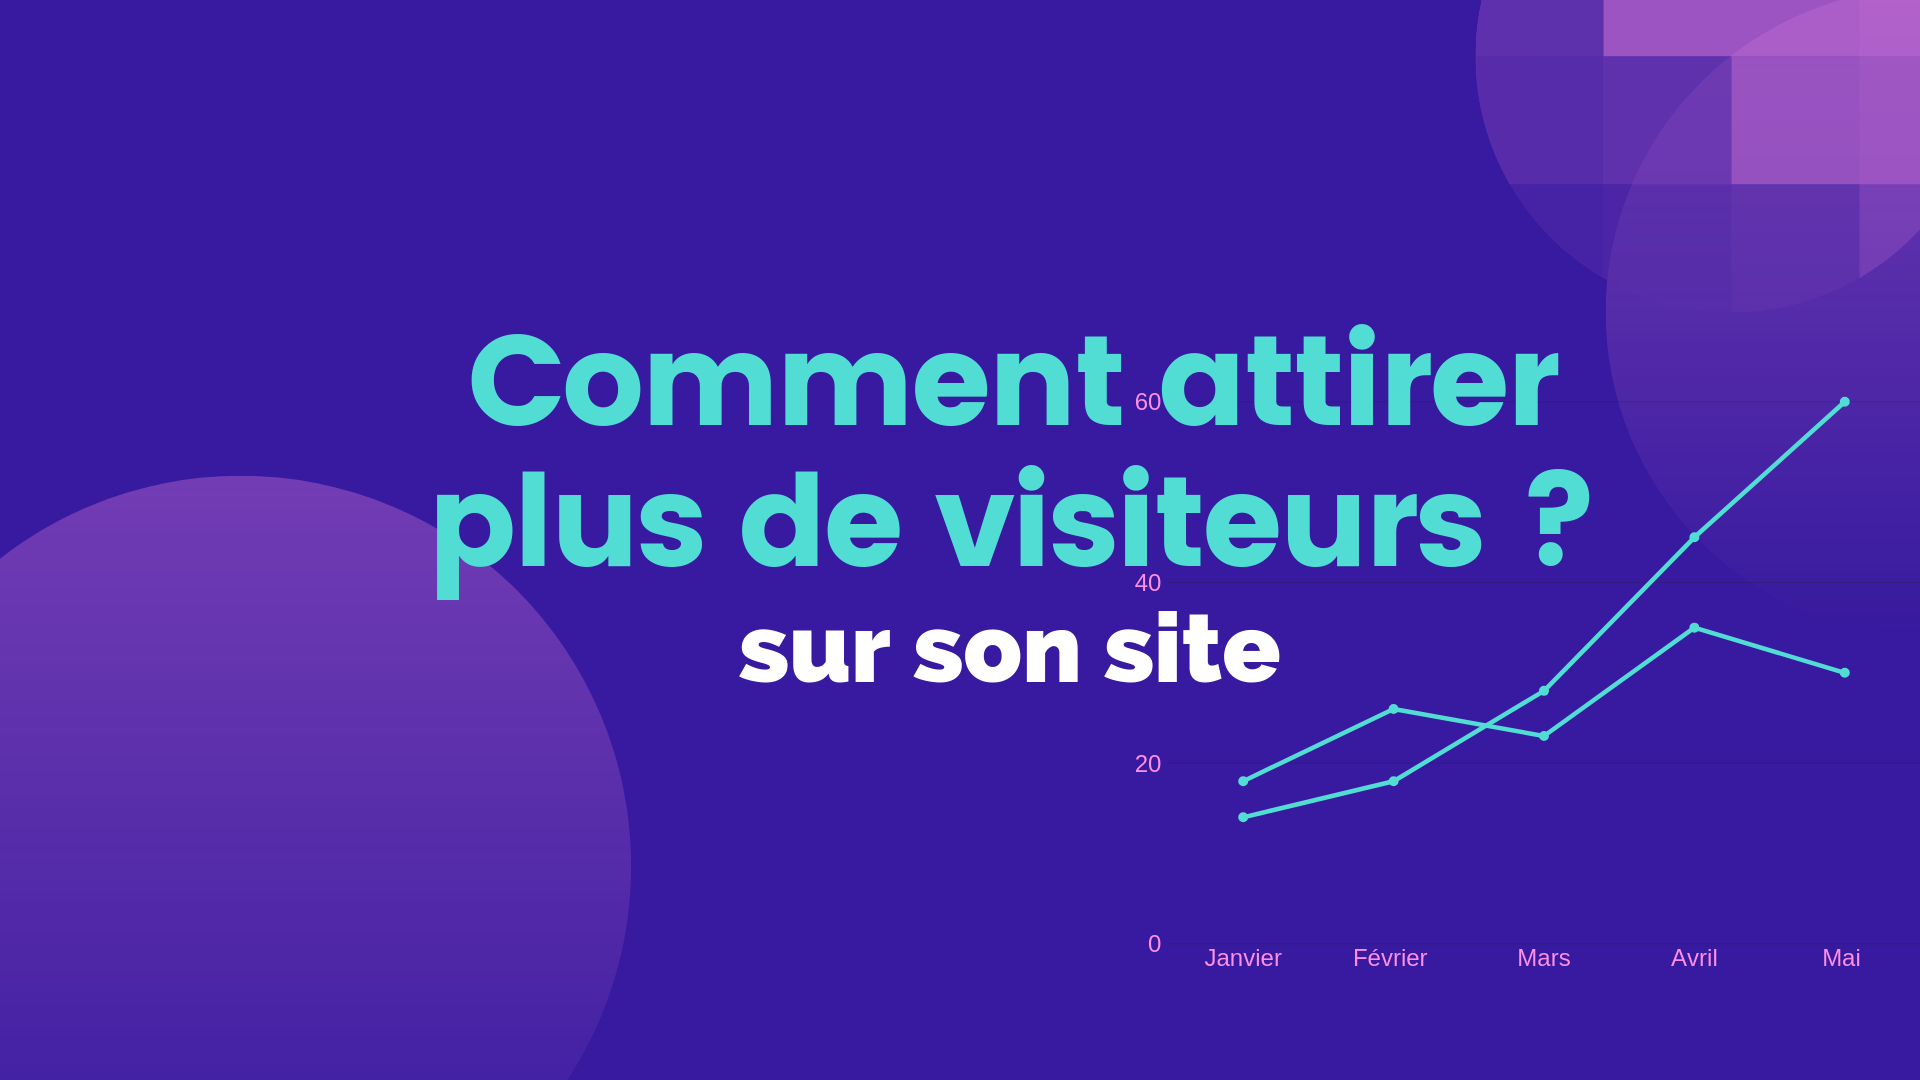 Comment attirer plus de visiteurs sur son site